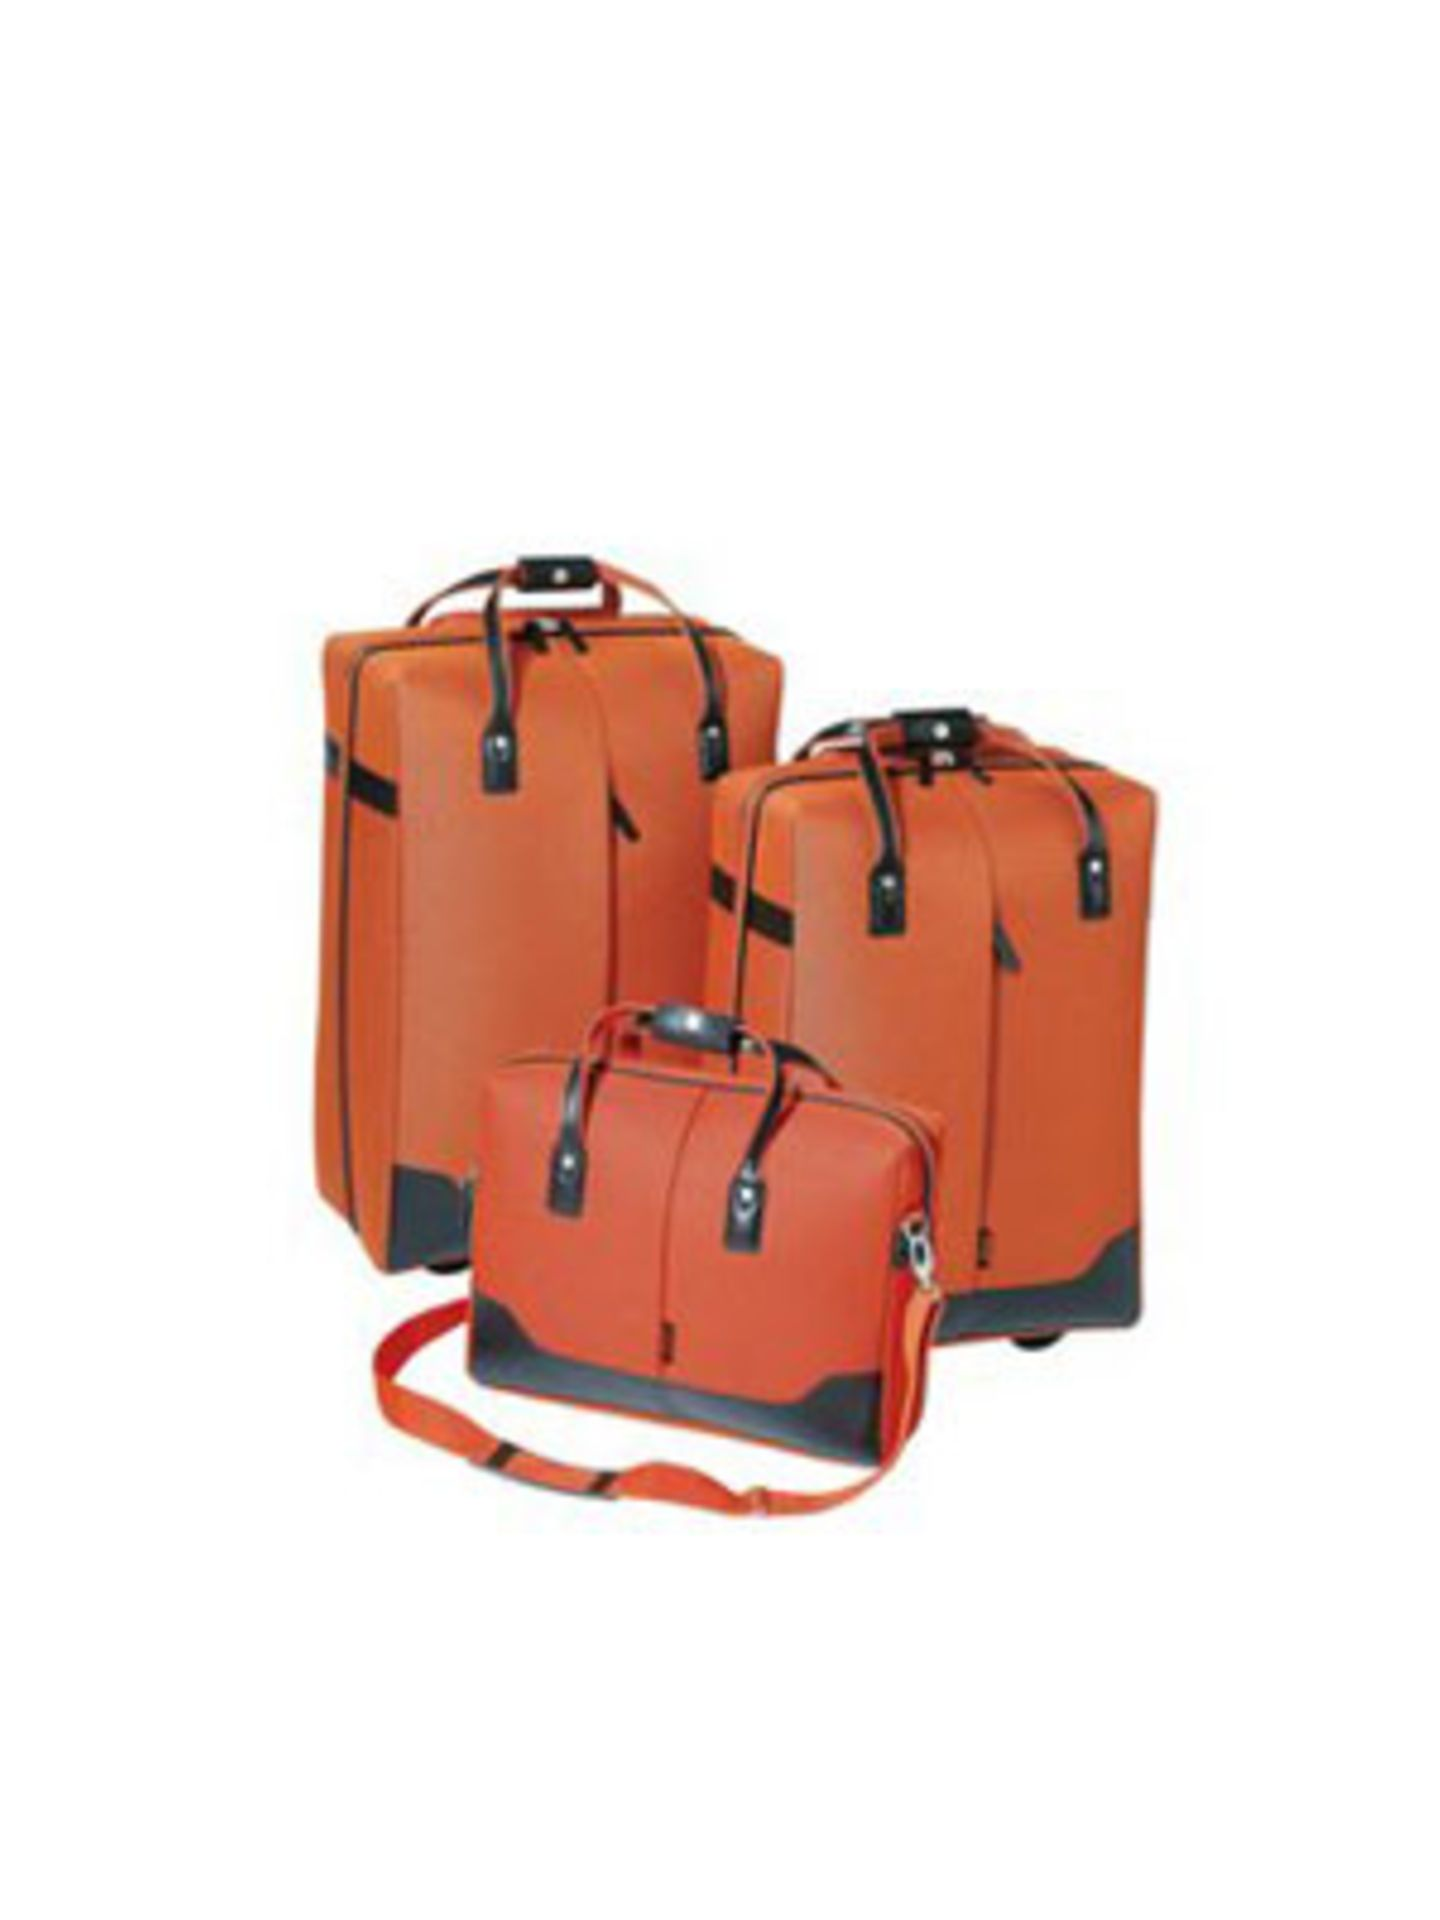 Schickes Kofferset in Orange bestend aus zwei Trolleys und einer Laptop-Tasche von Sioux, um 120 Euro. Über www.otto.de.